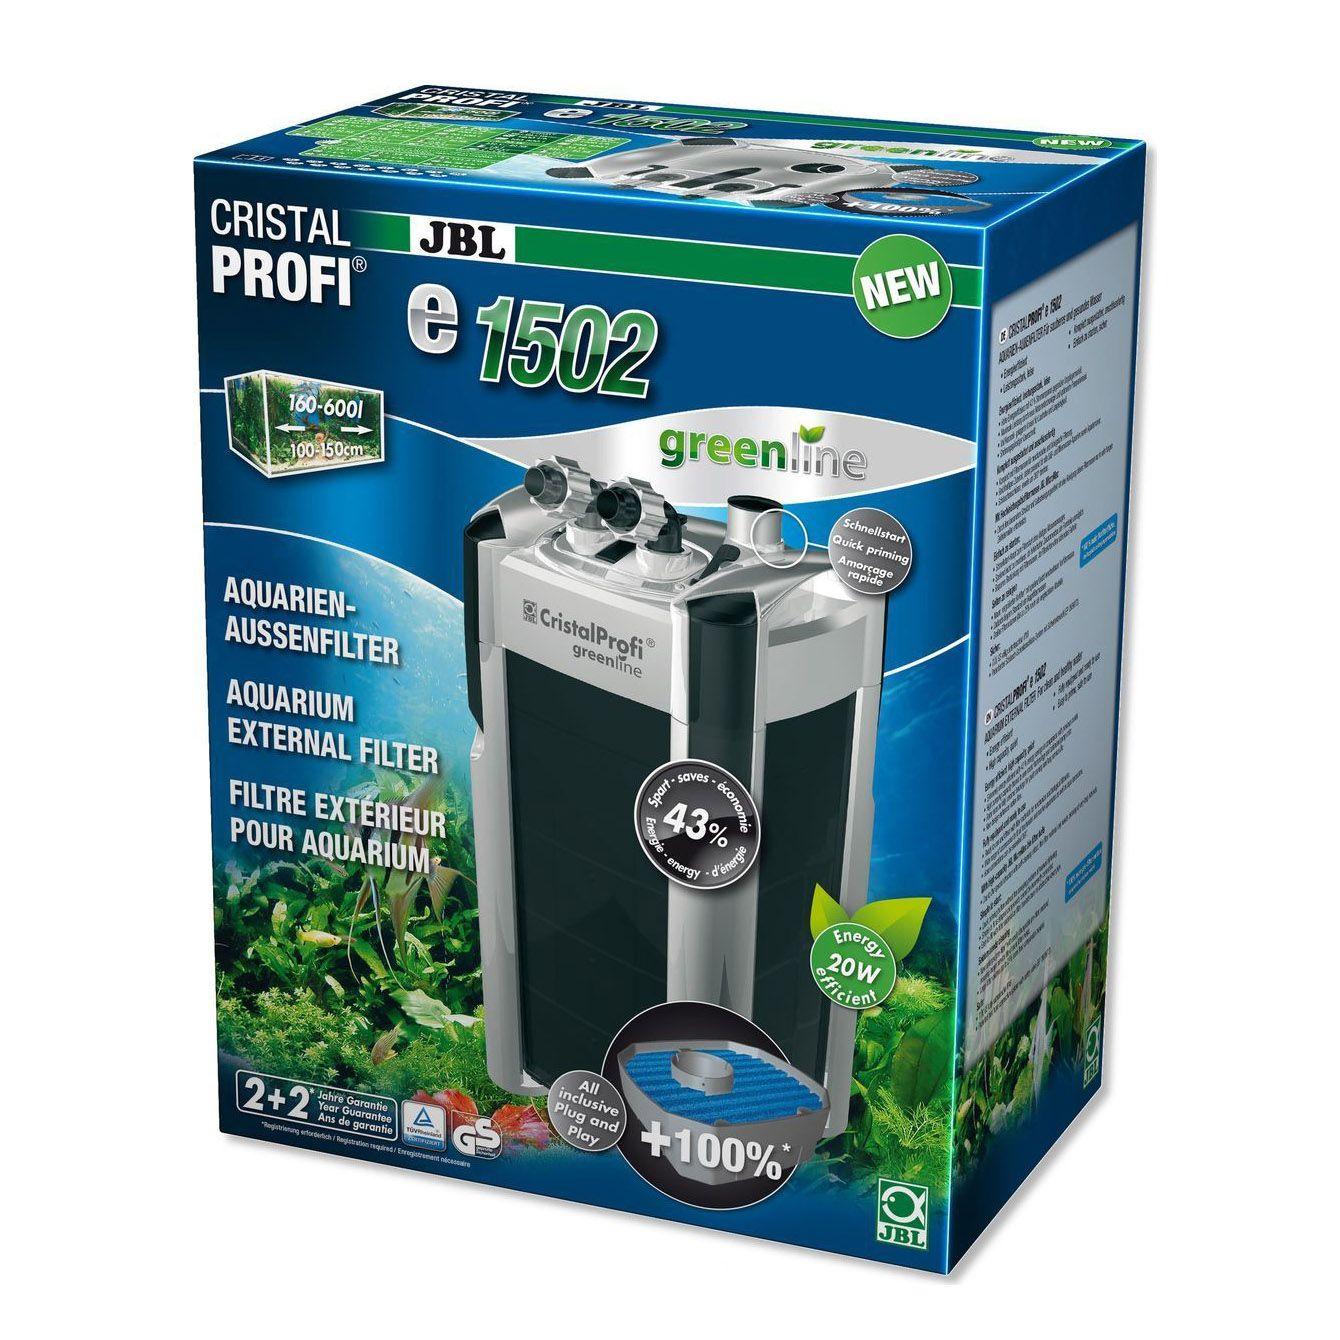 Фильтр JBL CristalProfi e1502 greenline - Эконом. внешний фильтр для аквариумов от 200 до 700л